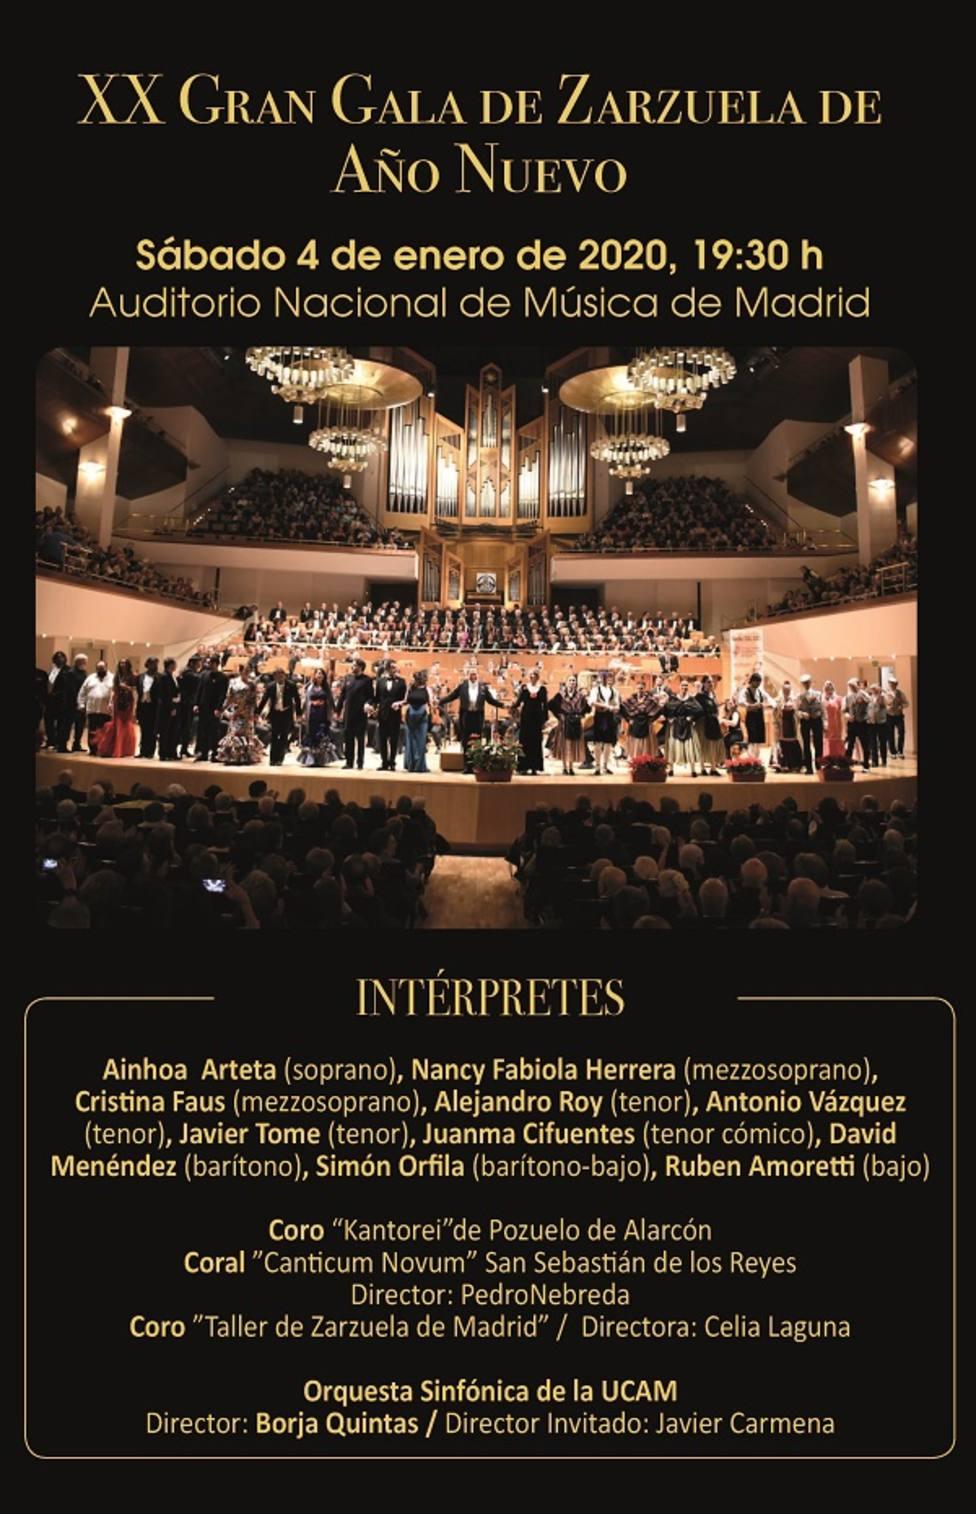 La Sinfónica de la UCAM actúa este sábado en el Auditorio Nacional de Madrid